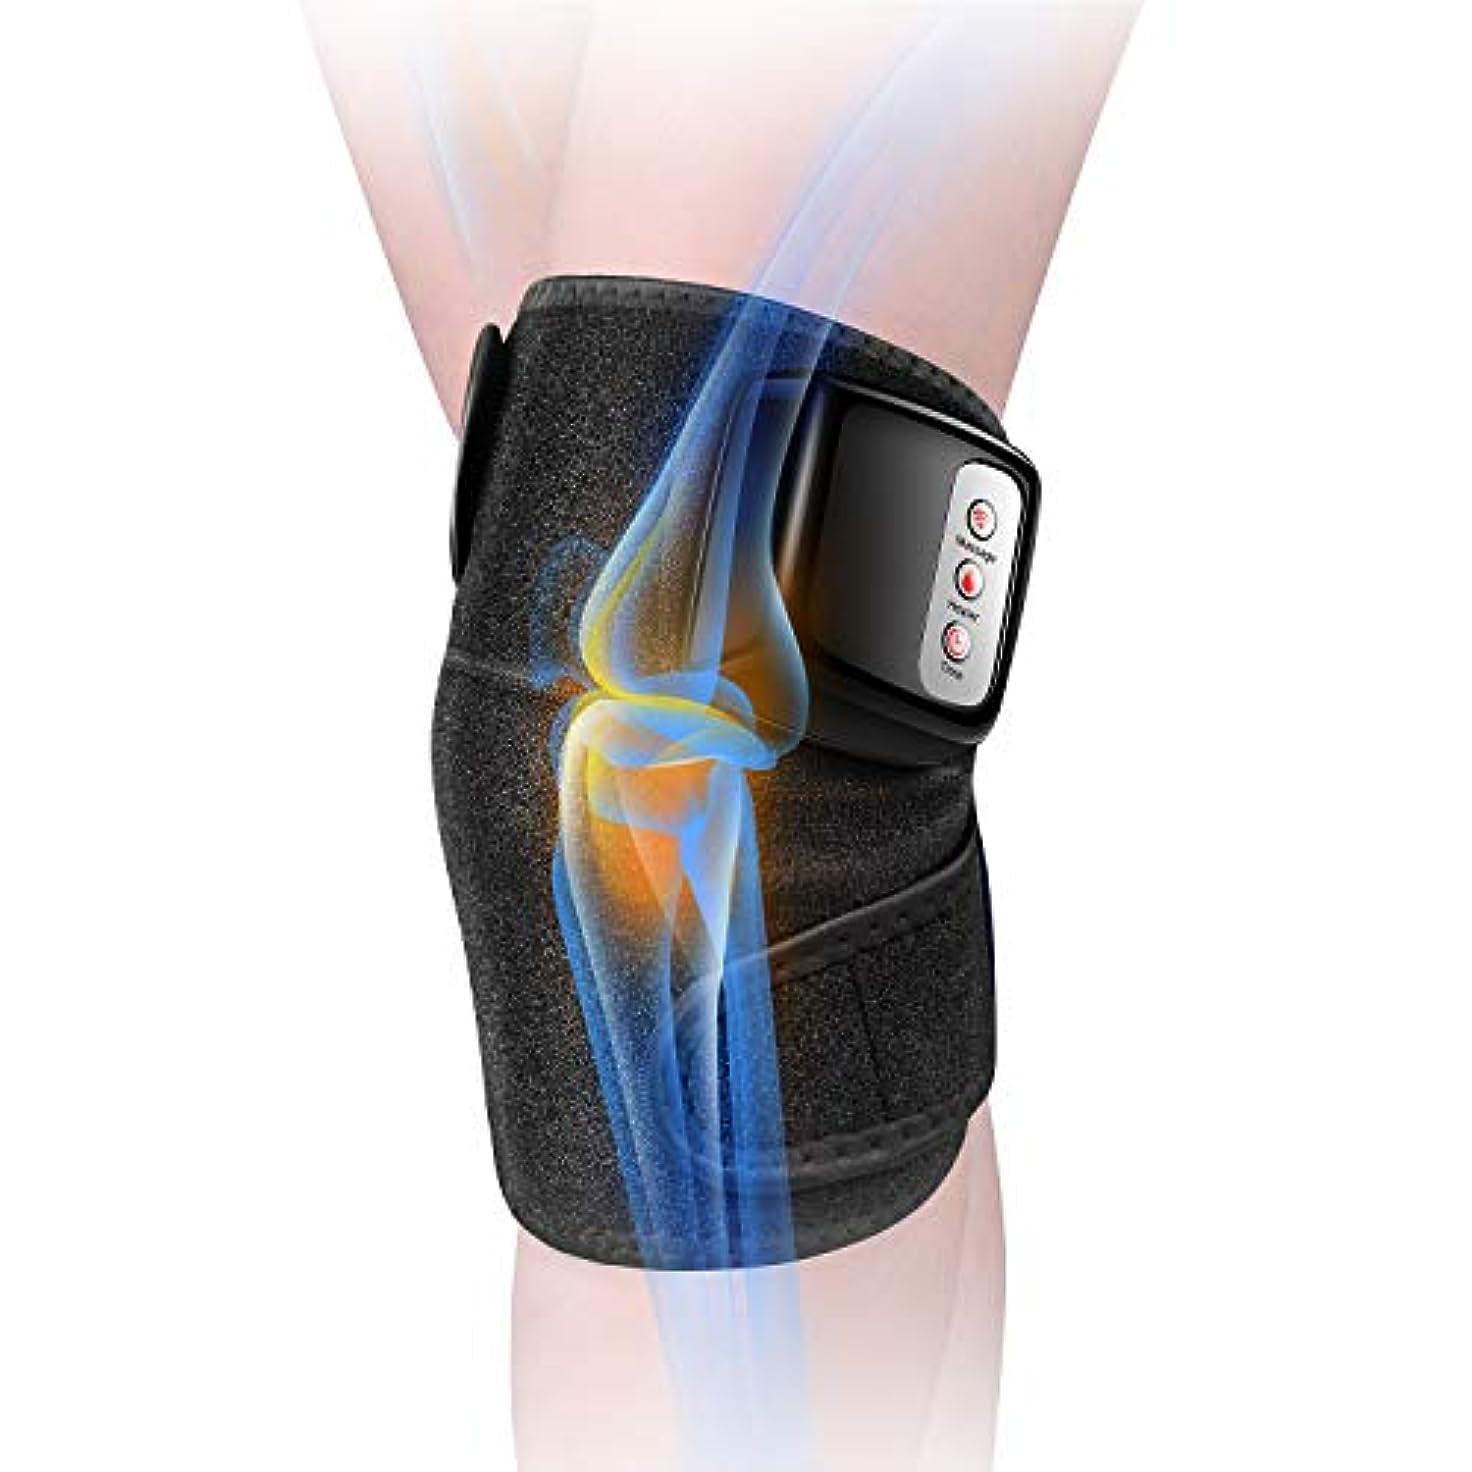 摩擦ブラウズ死ぬ膝マッサージャー 関節マッサージャー マッサージ器 フットマッサージャー 振動 赤外線療法 温熱療法 膝サポーター ストレス解消 肩 太もも/腕対応